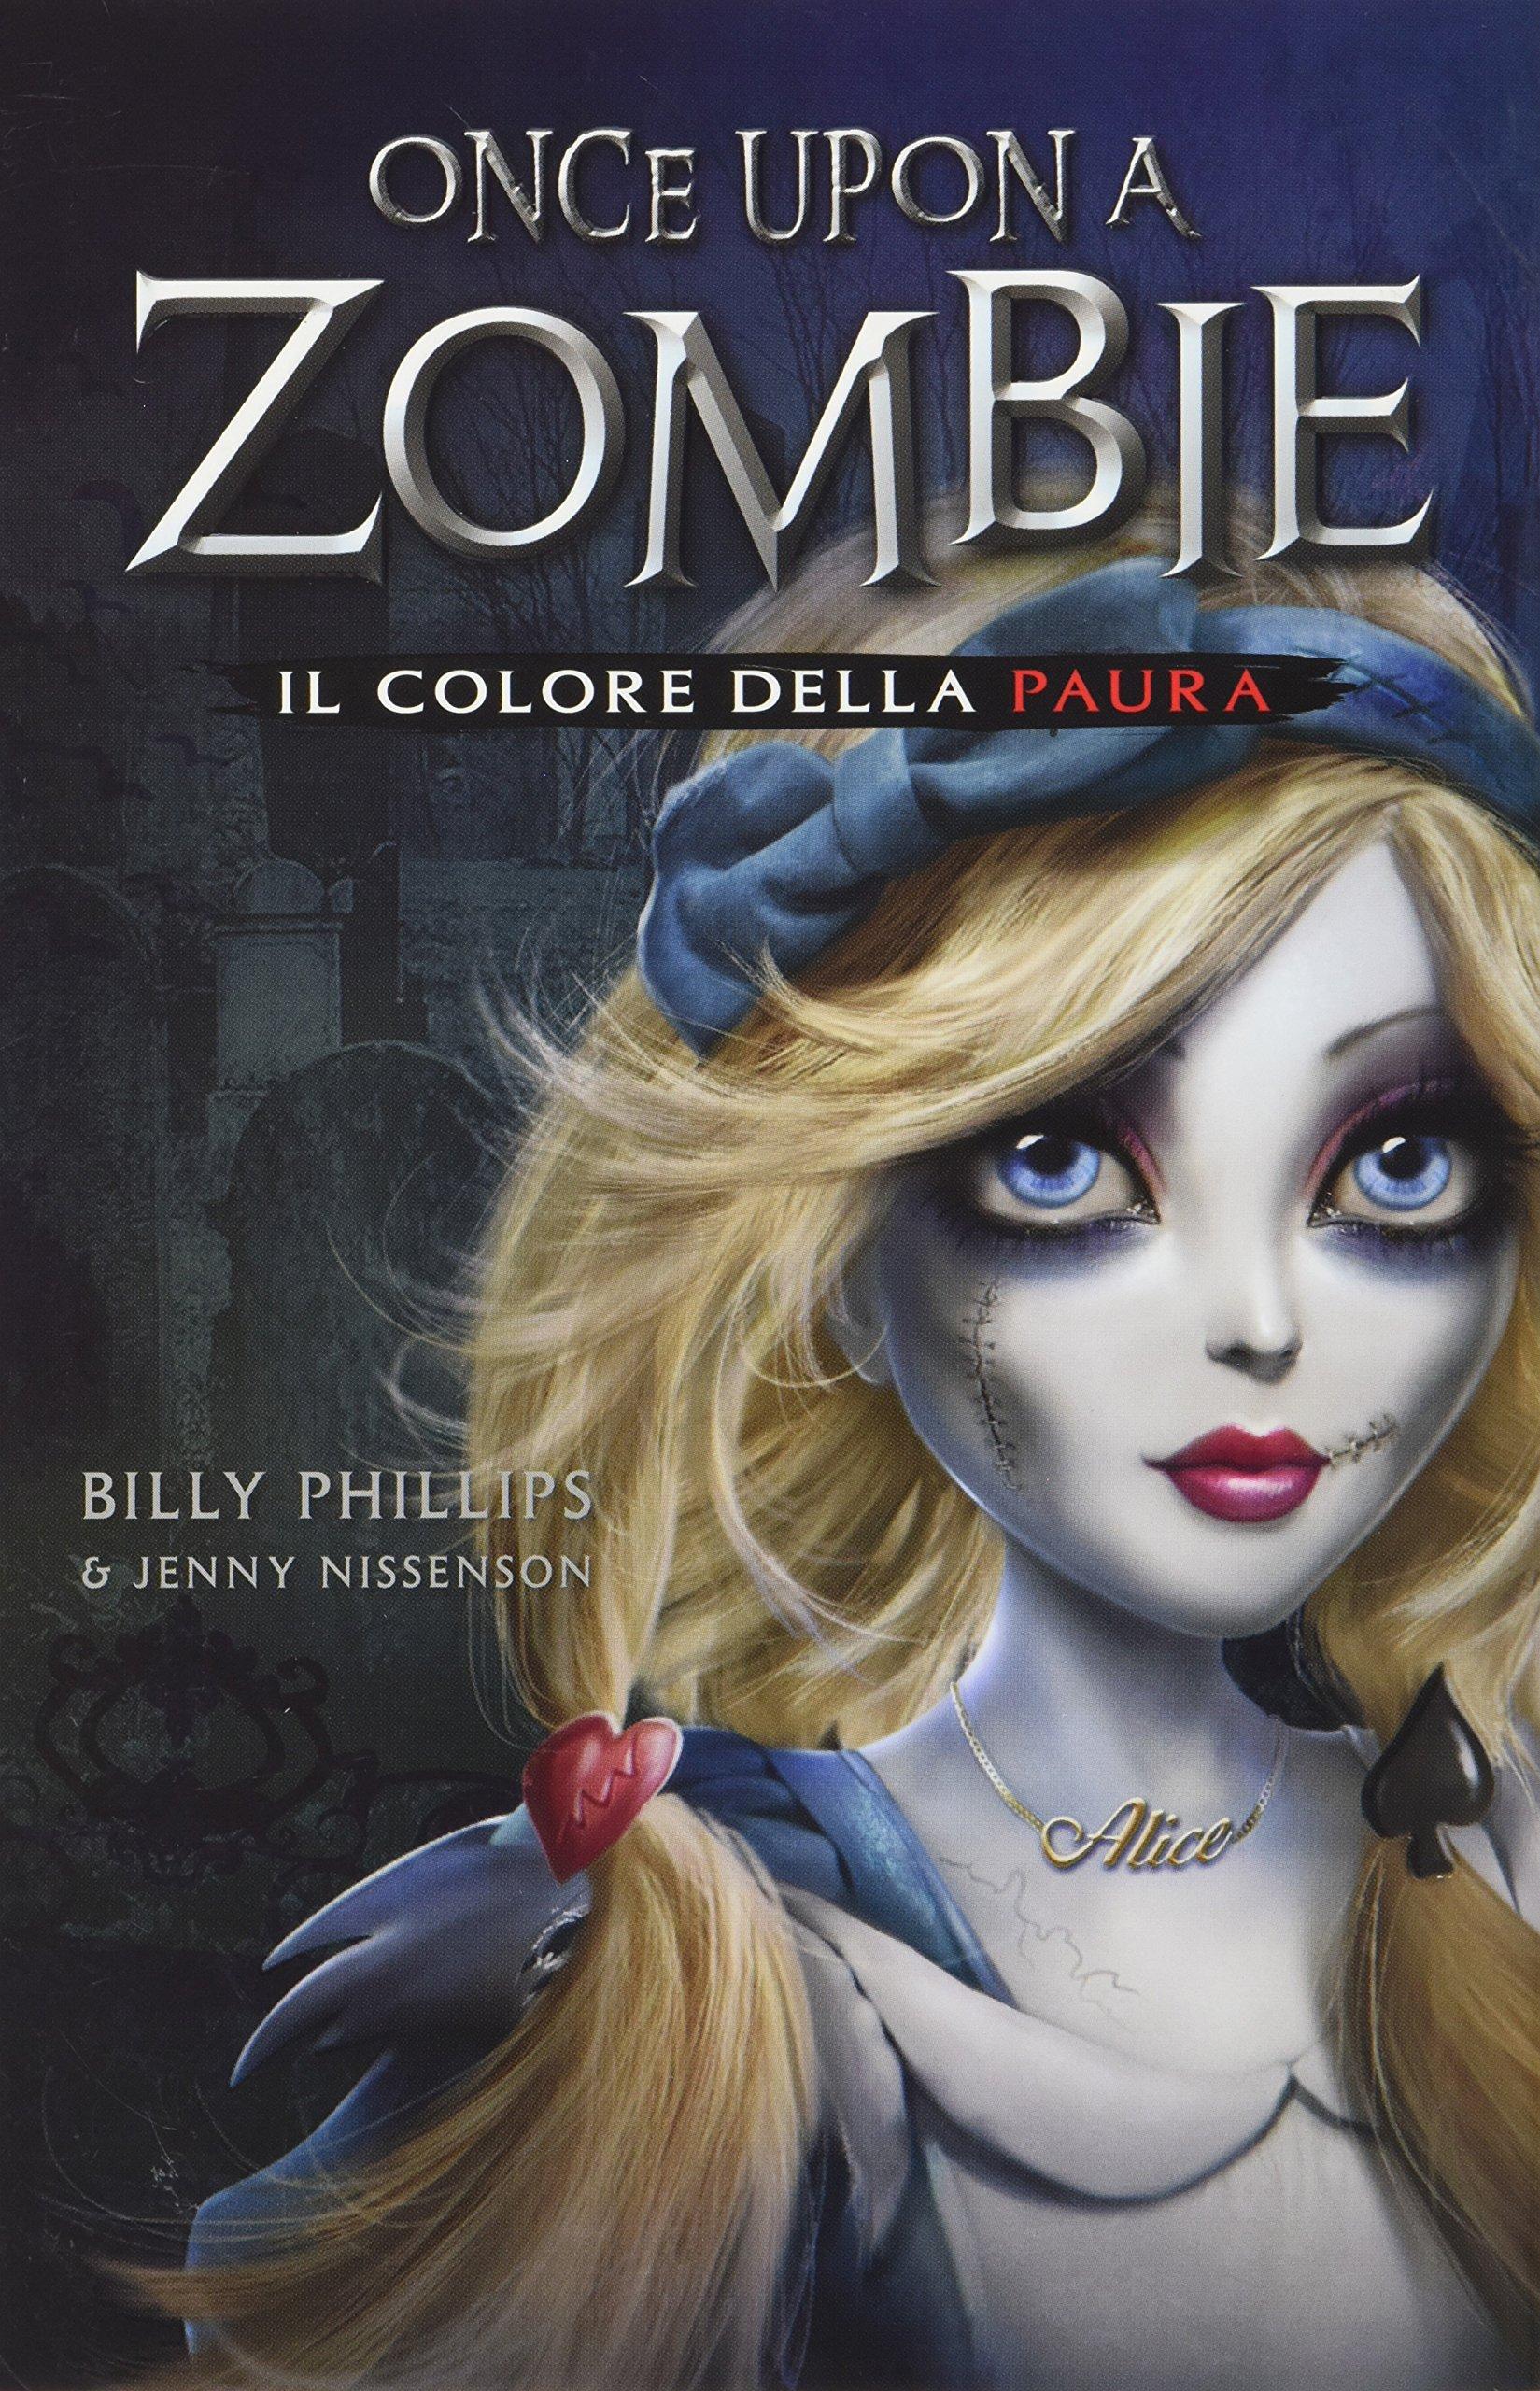 Risultati immagini per Once upon a zombie libro